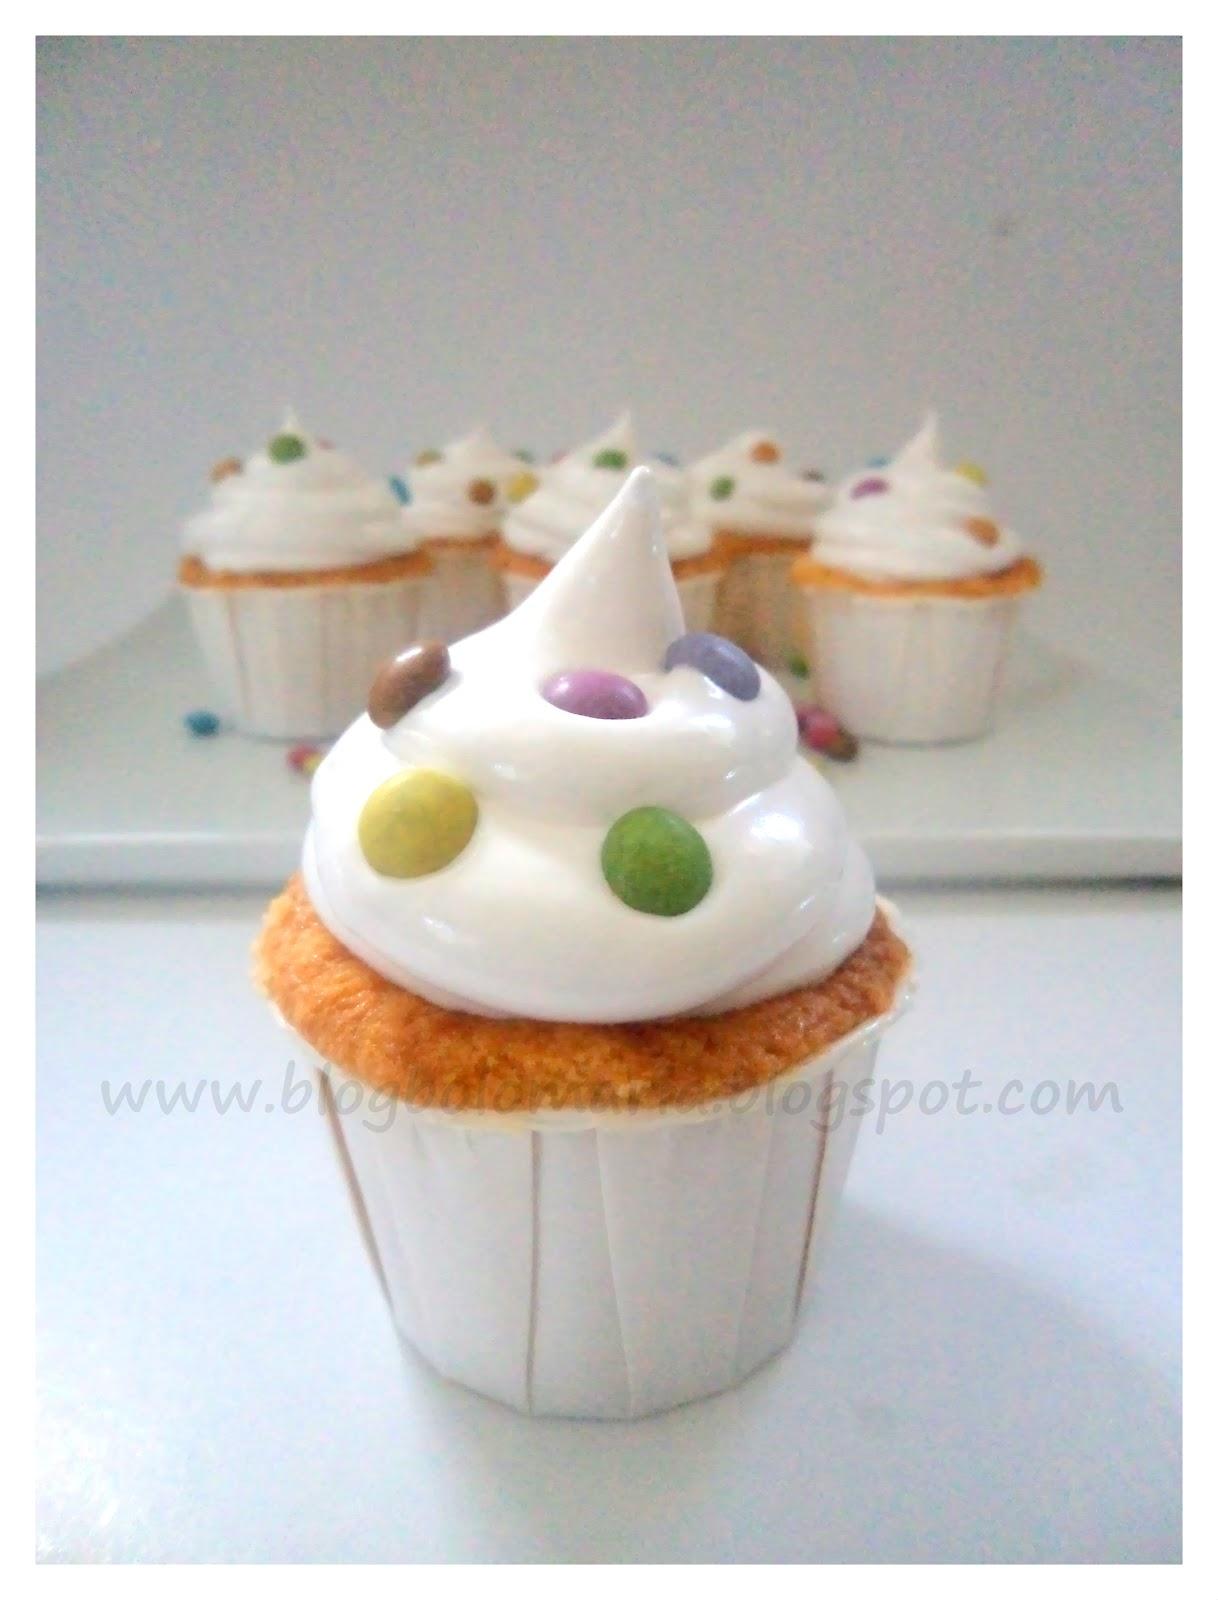 Bolo maria cup cake pops for Cake pops cobertura